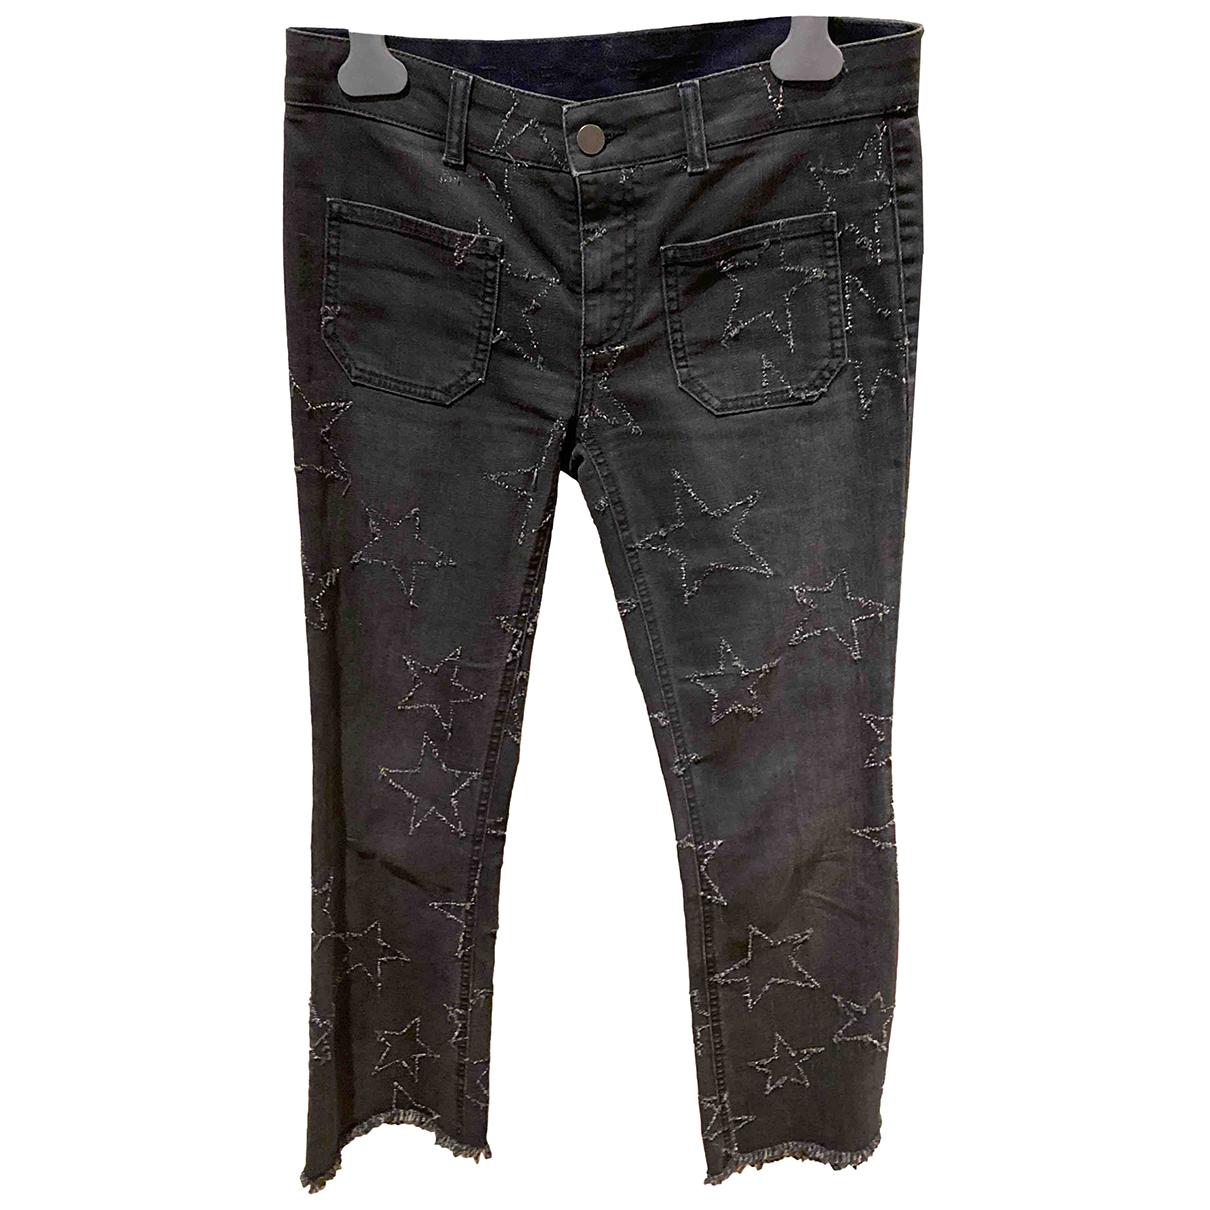 Stella Mccartney \N Grey Denim - Jeans Jeans for Women 26 US